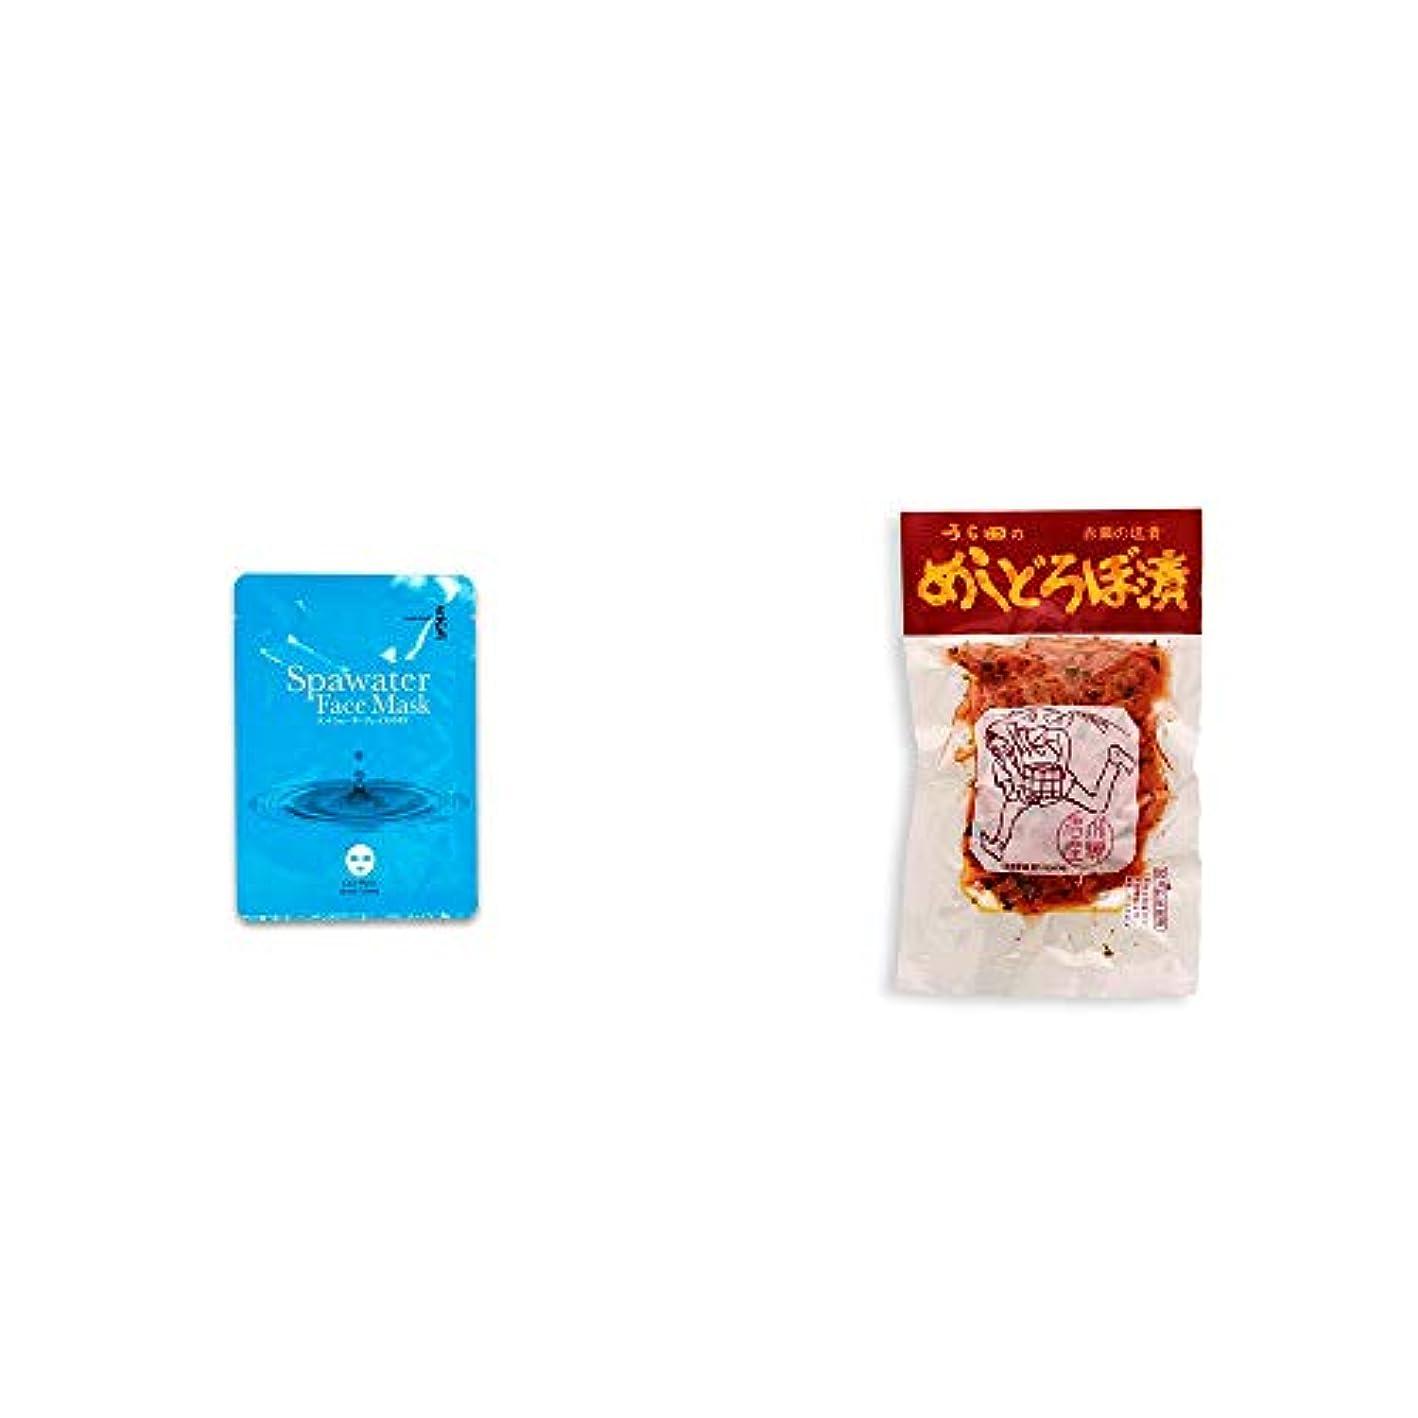 東健康カブ[2点セット] ひのき炭黒泉 スパウォーターフェイスマスク(18ml×3枚入)?うら田 めしどろぼ漬(180g)